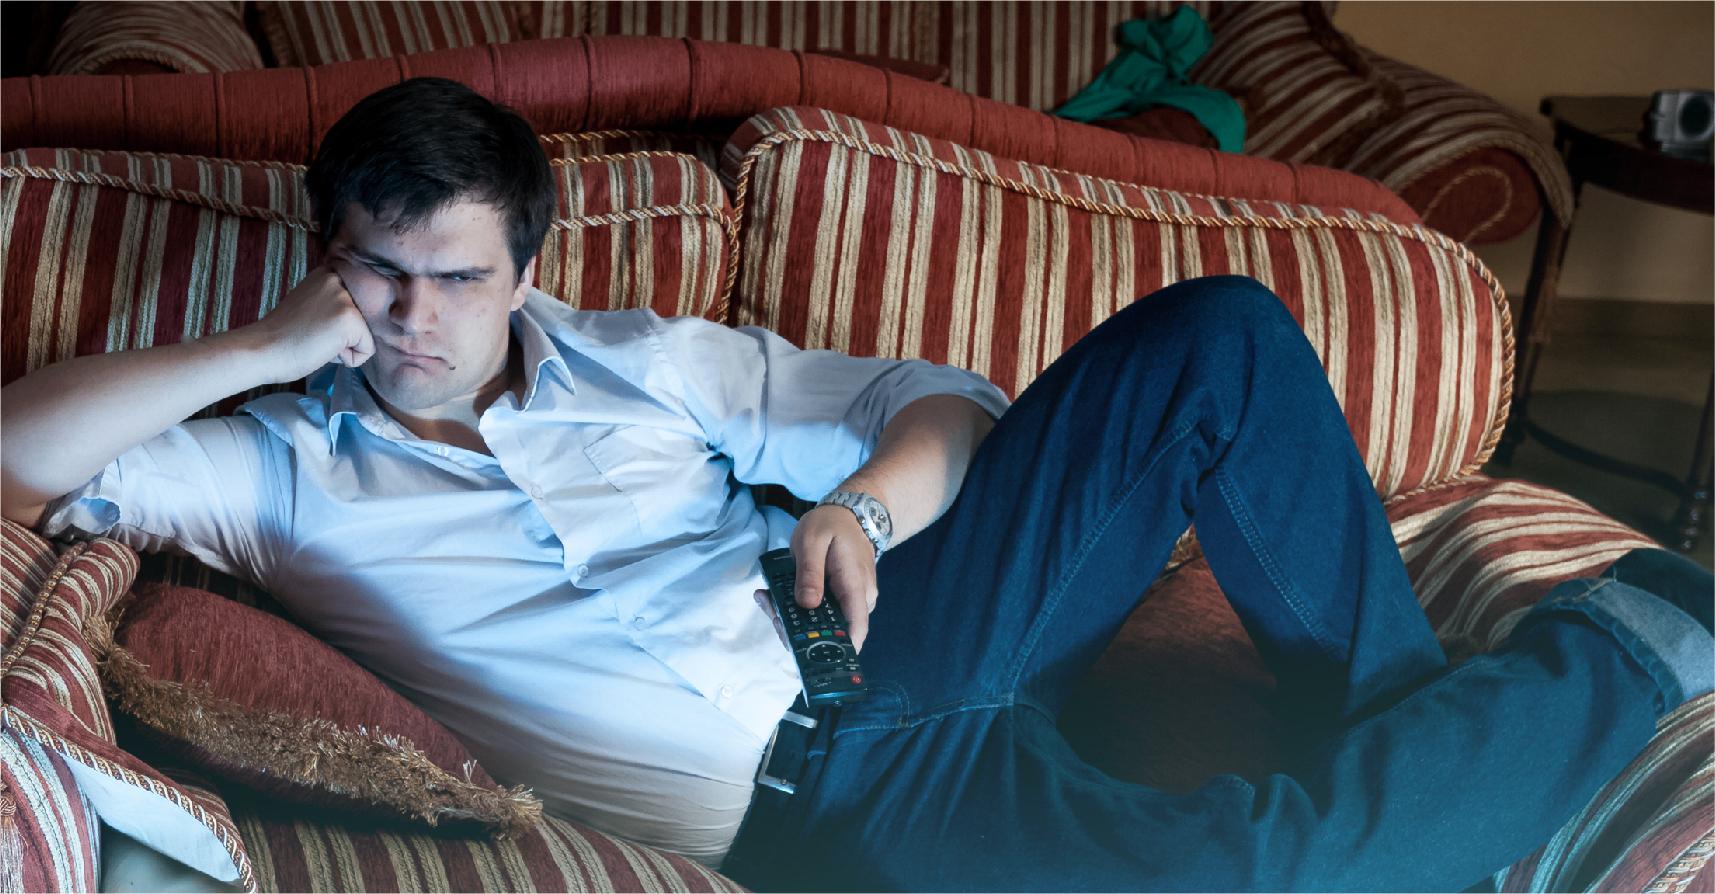 صورة دراسة تؤكد أن غباءك و تنبلتك وفوضويتك ونكدك وفشلك مؤشر على عبقريتك